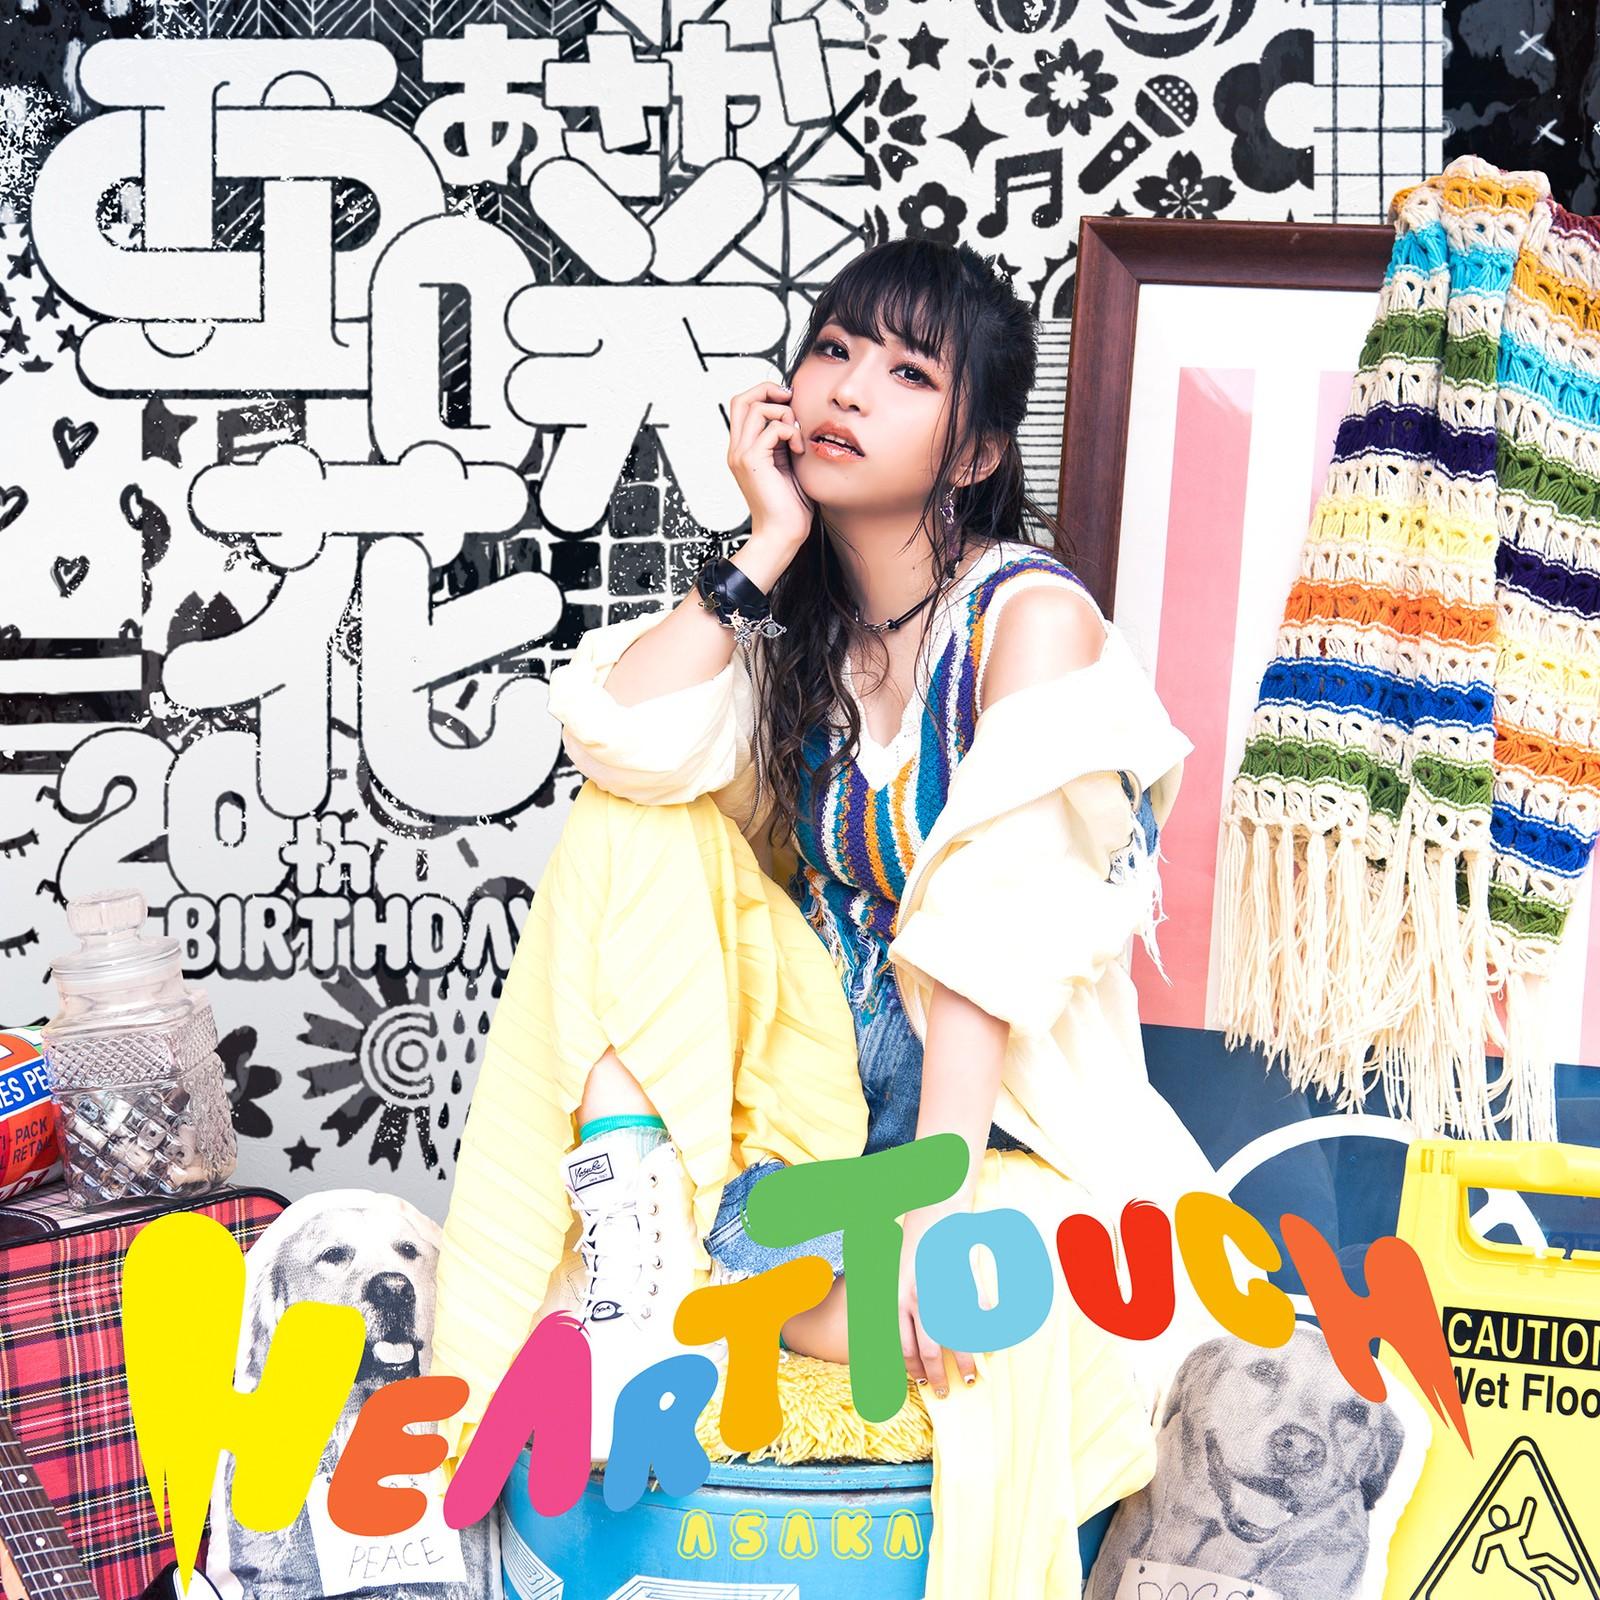 亜咲花 (Asaka) – HEART TOUCH [24bit Lossless + MP3 320 + MKV 1080p] [2019.10.25] [2019.10.07]